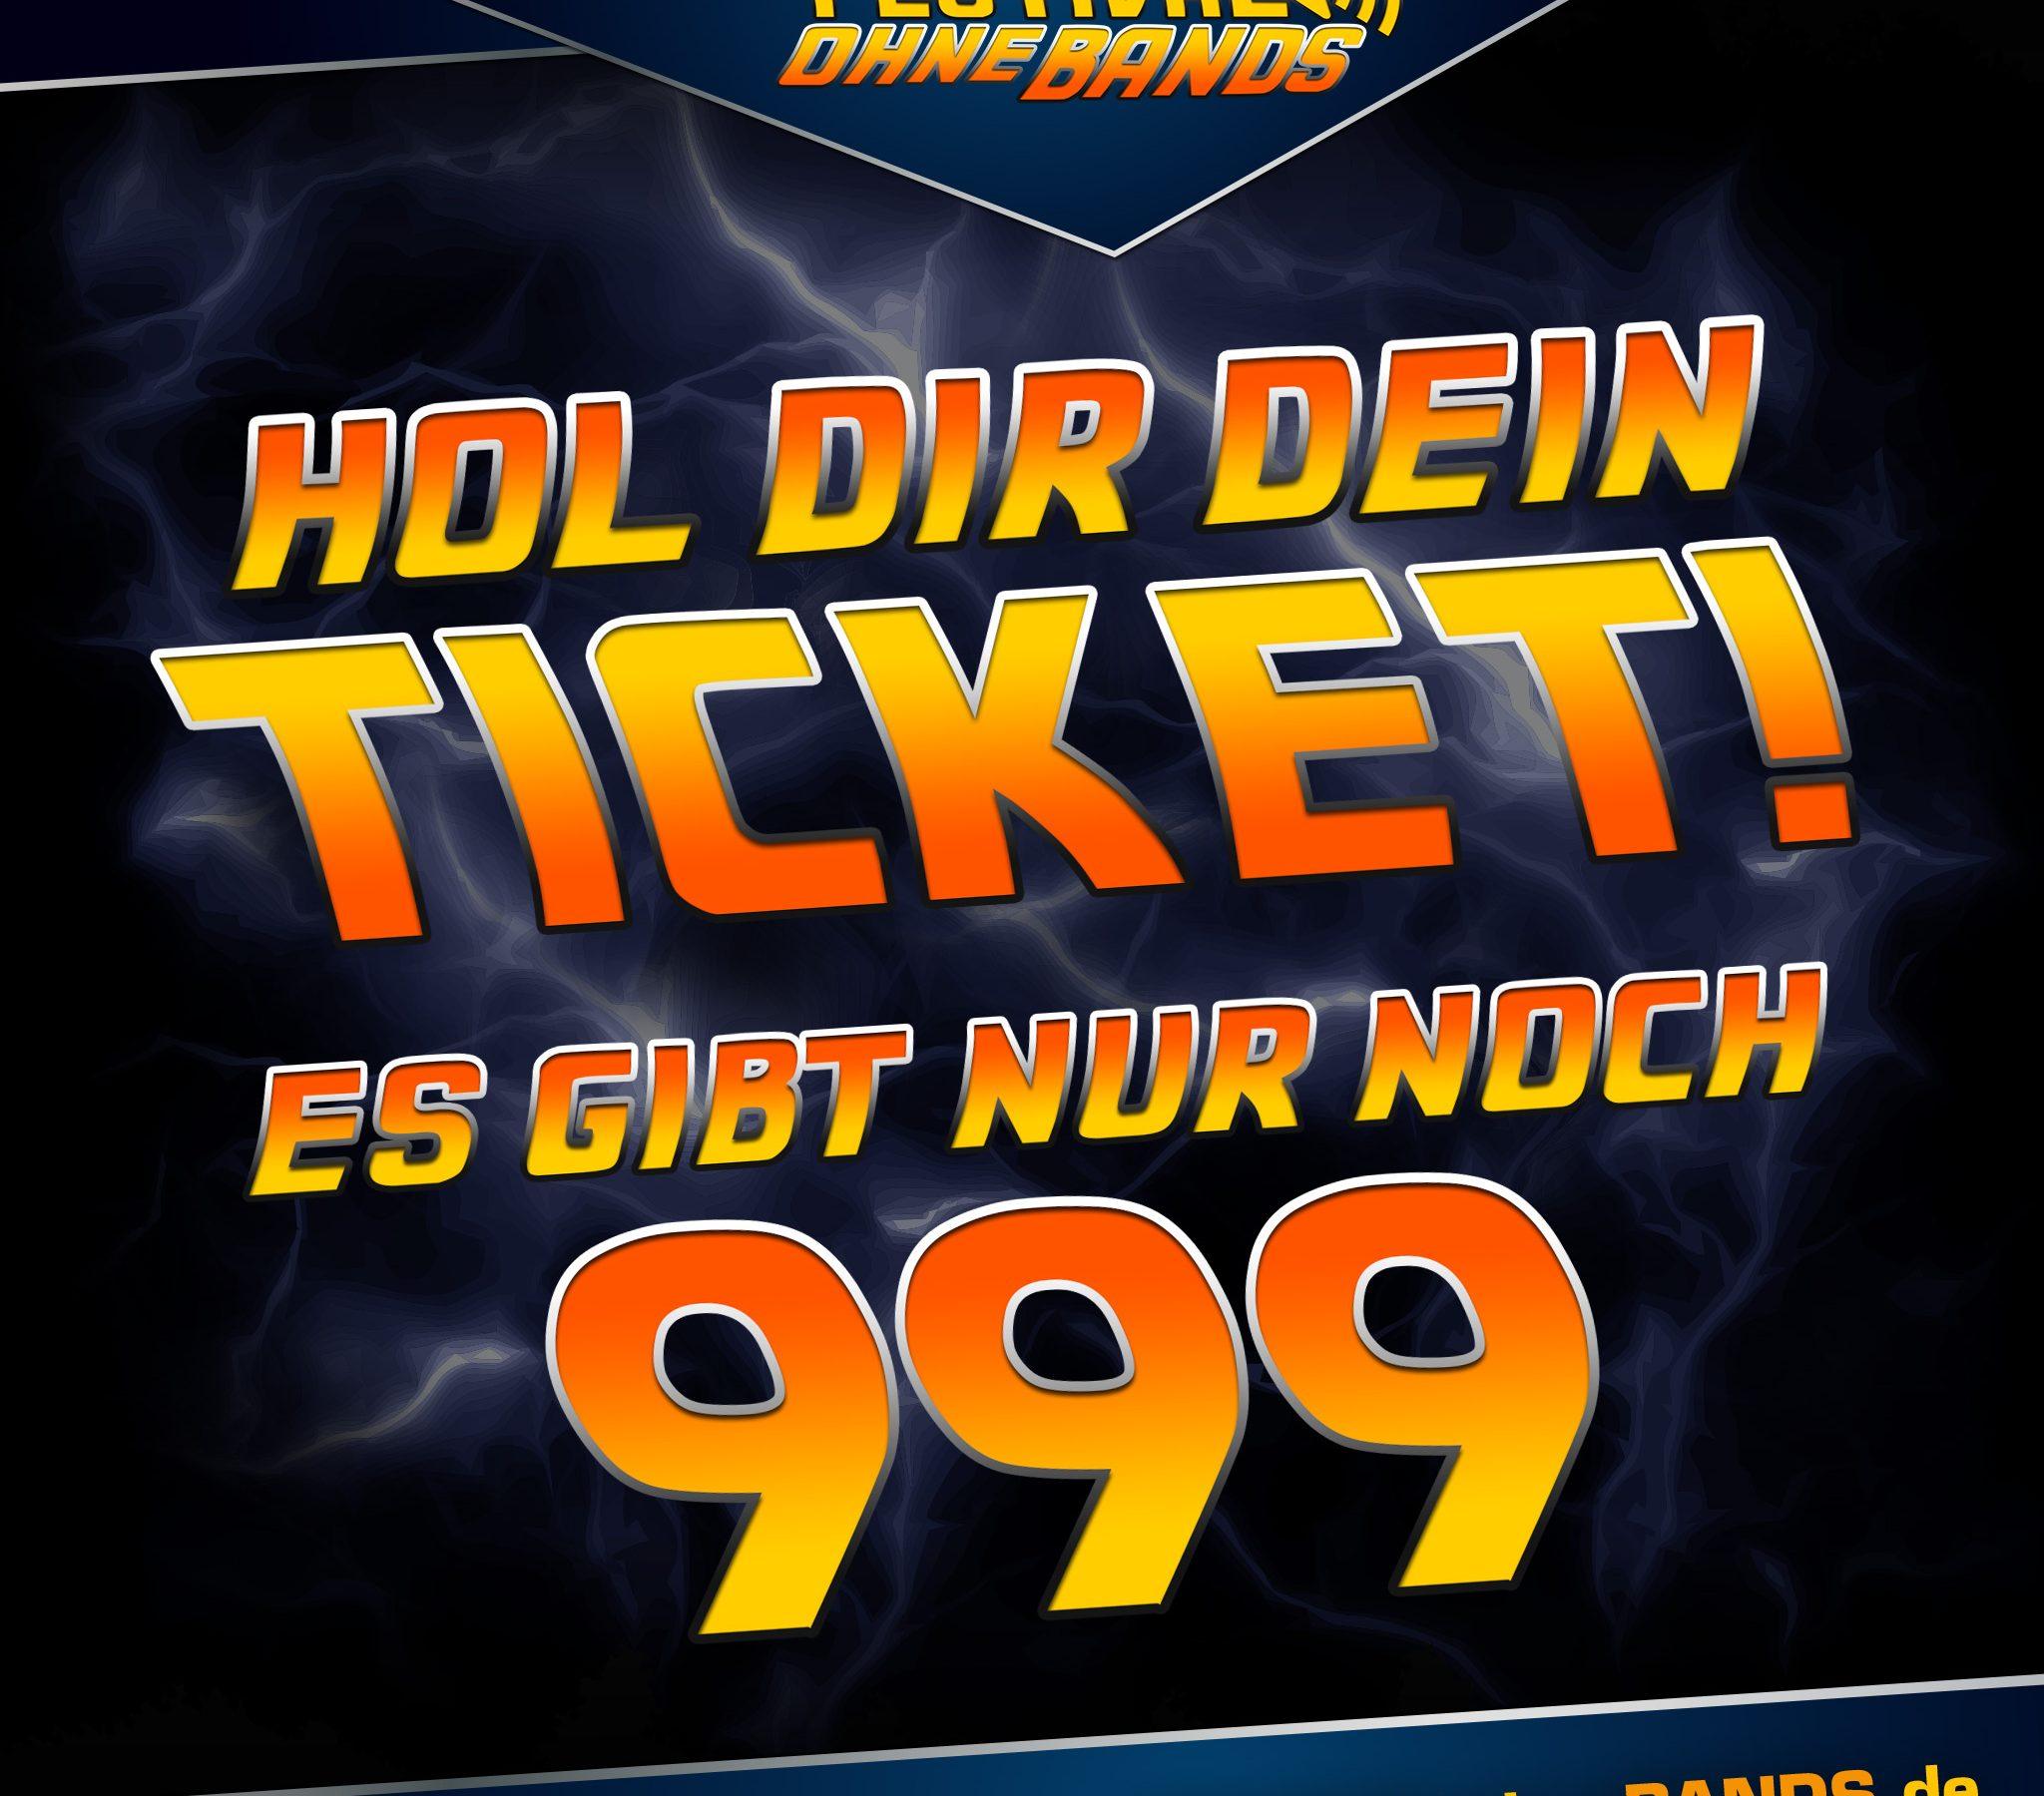 Grafik in der steht: Hol dir dein Ticket! Es gibt nur noch 999.